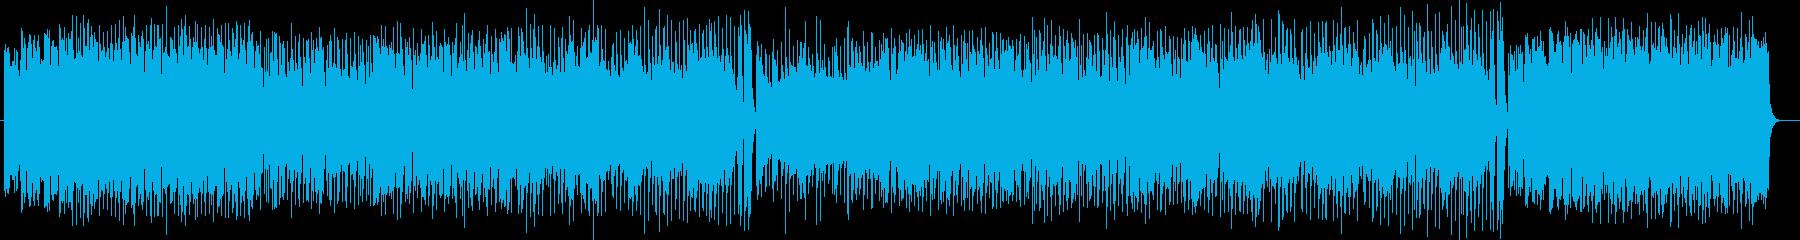 明るいアップテンポのポップで前向きな曲の再生済みの波形